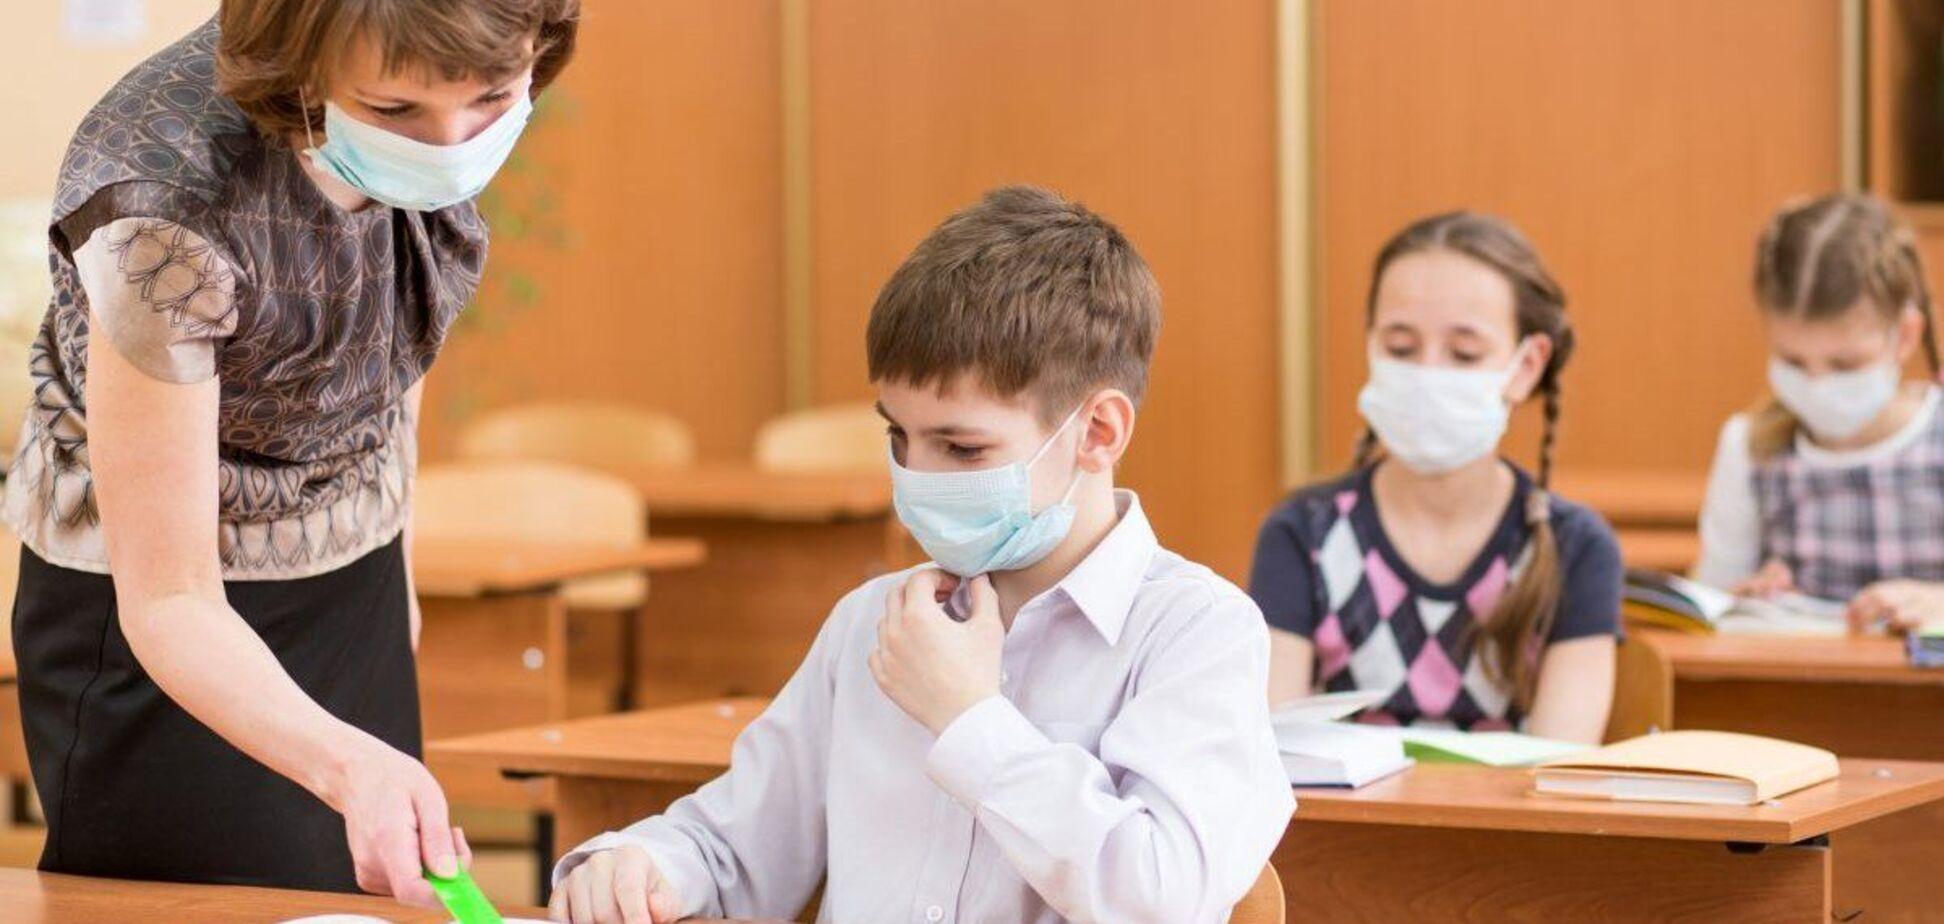 У Дніпрі школярів масово відправили на самоізоляцію через COVID-19